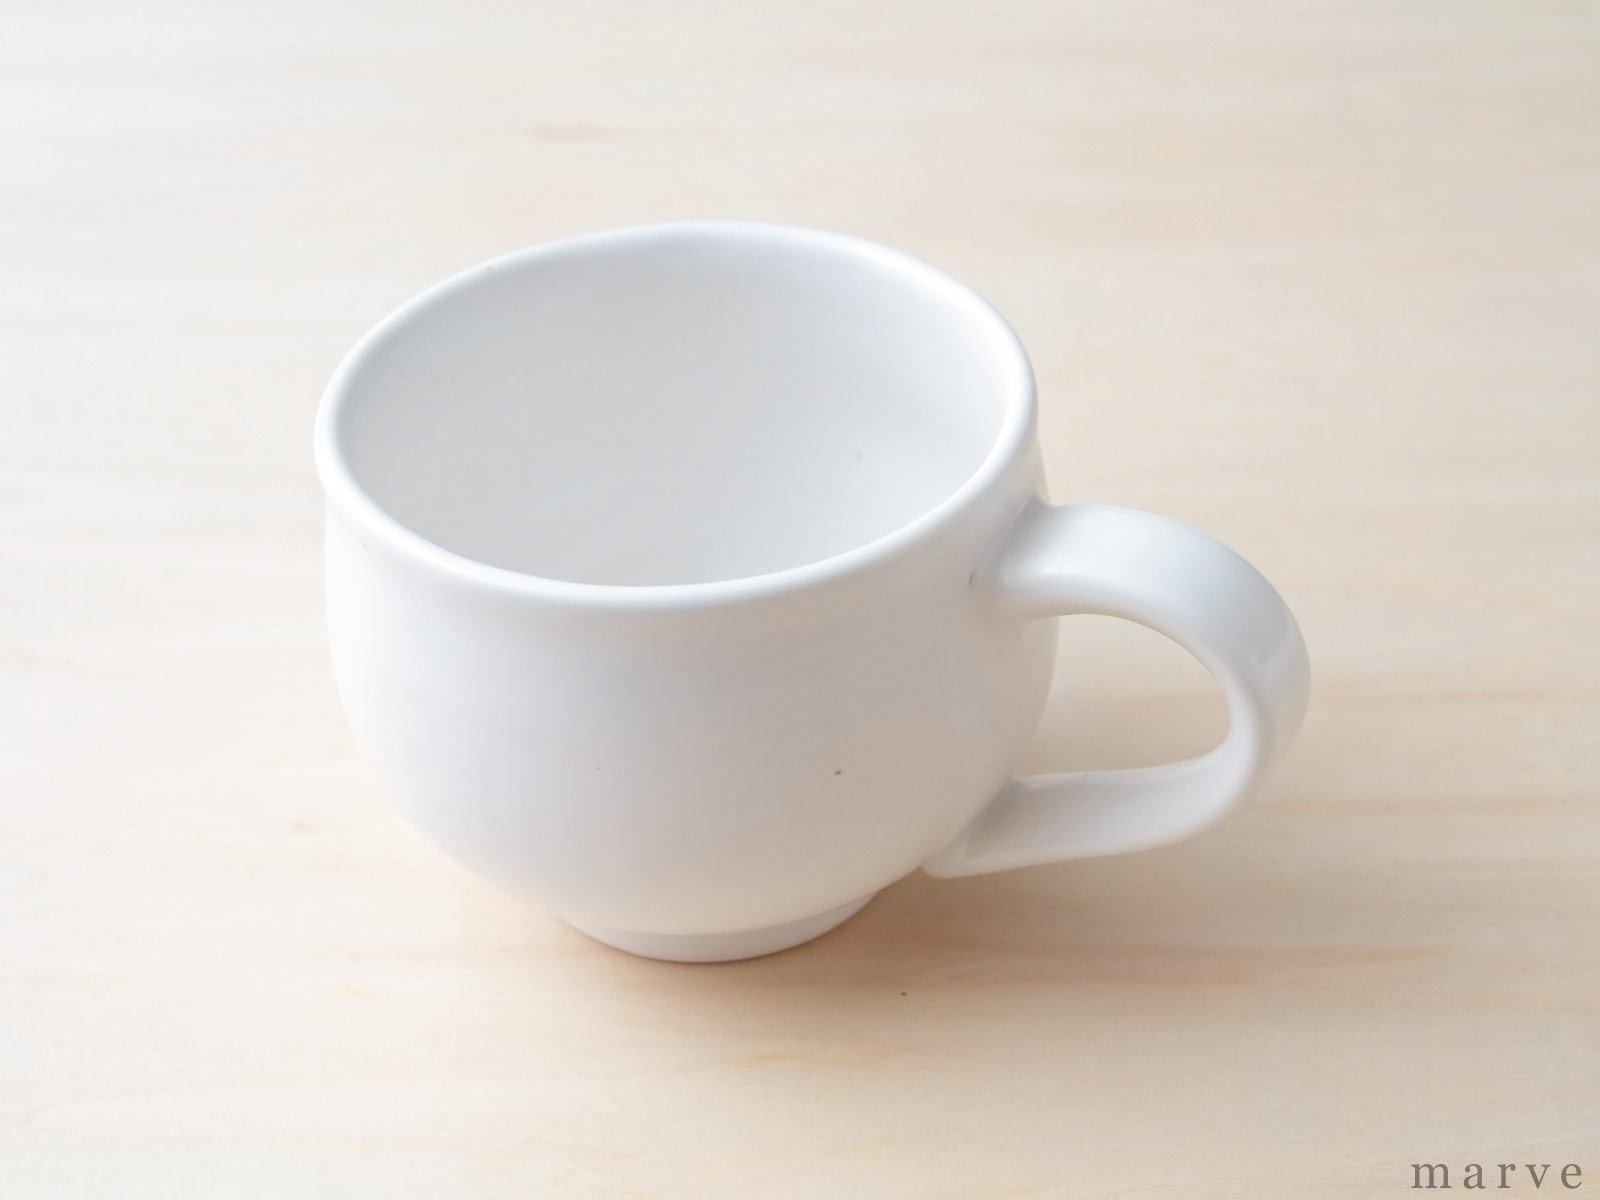 SUZUGAMA(スズガマ) White series マグカップS